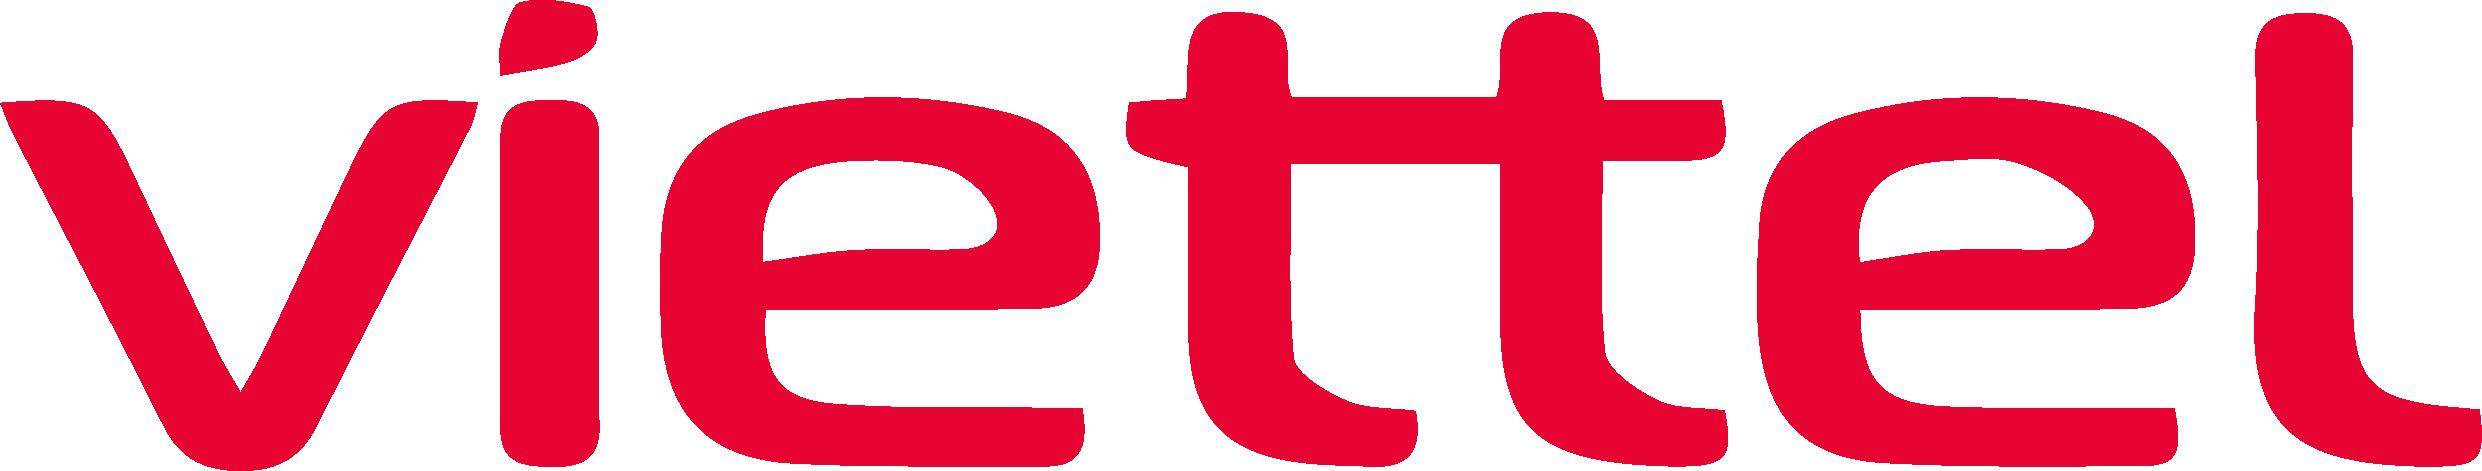 Tổng đài mạng viettel, lắp mạng viettel, cáp quang viettel, wifi viettel, lắp đặt internet viettel